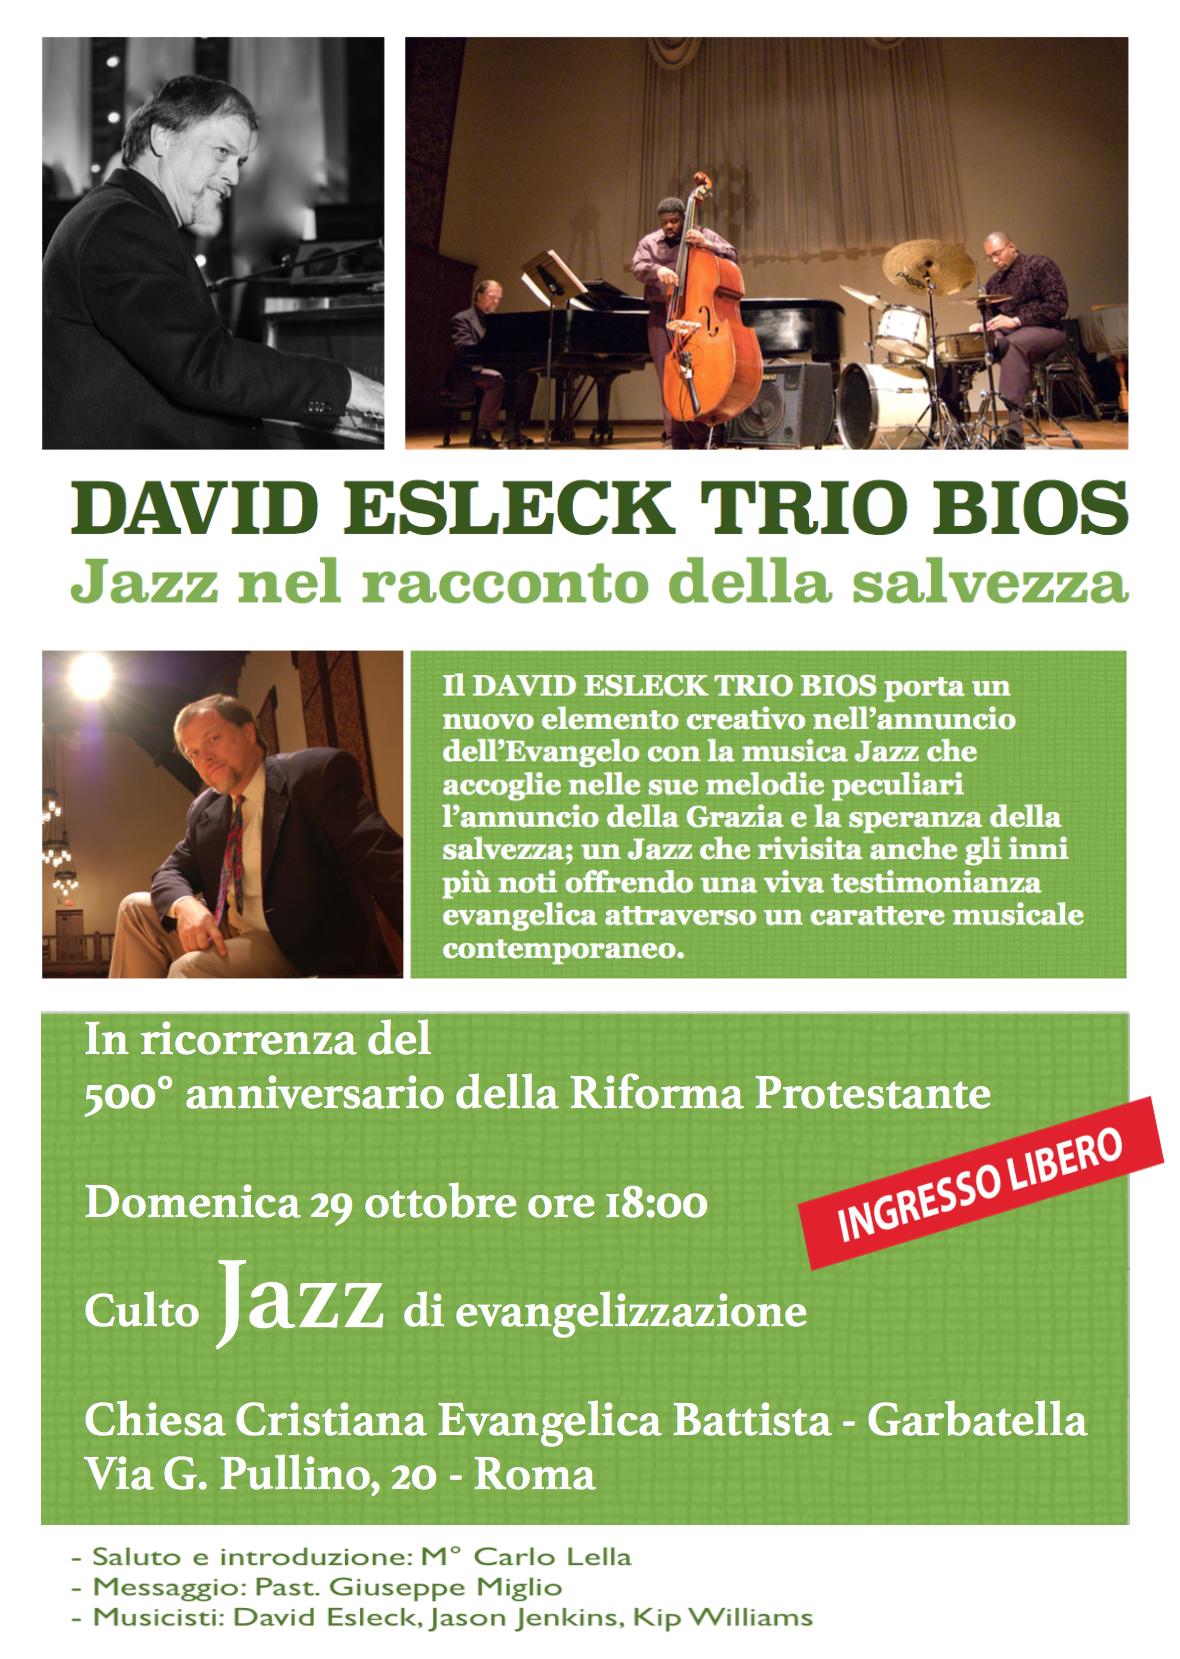 DavidEsleckTrio_Invito